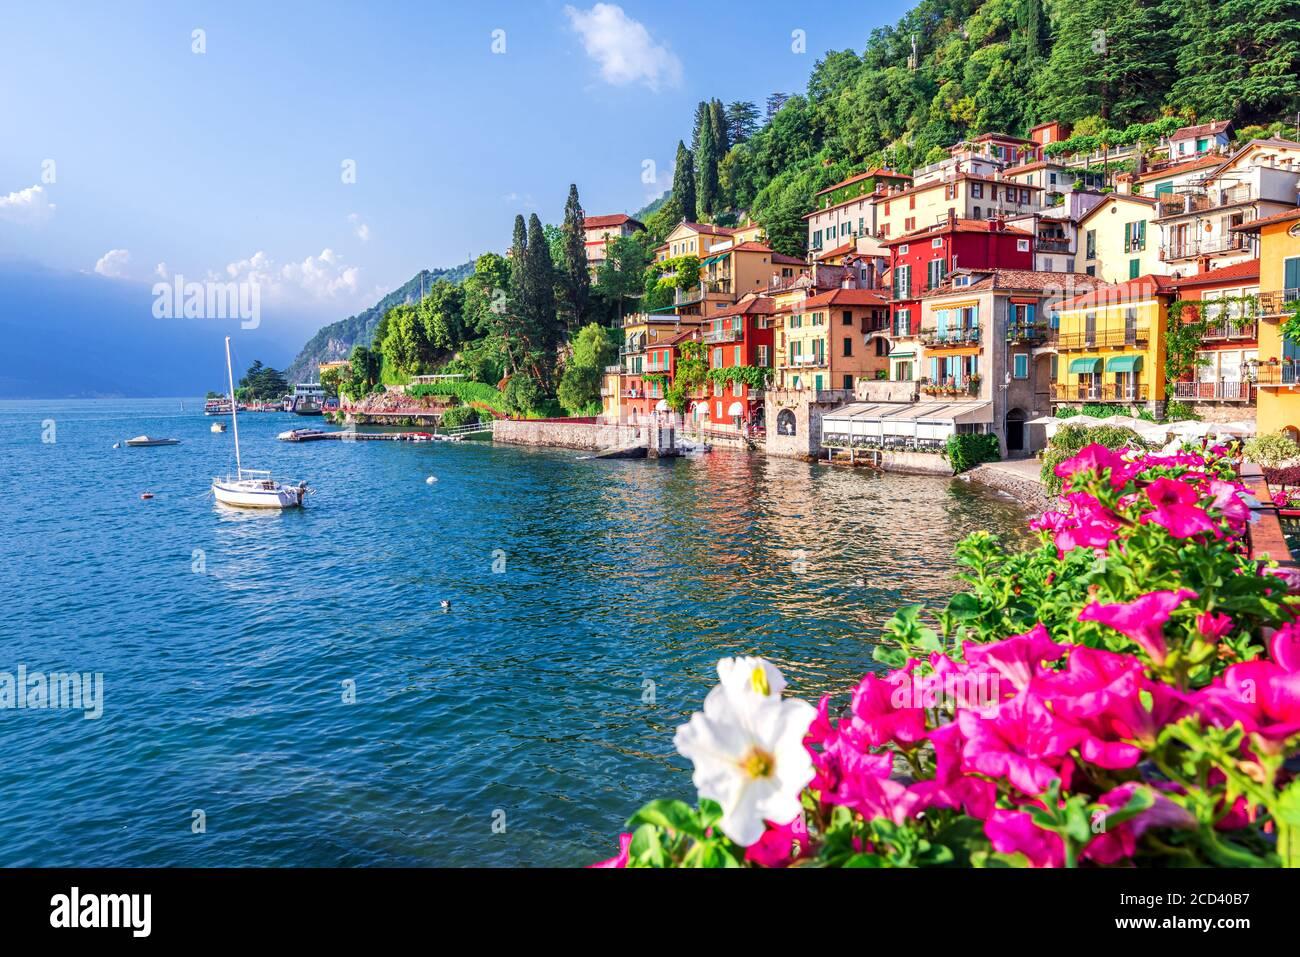 Varenna, Lago como - vacaciones en Italia vista del lago más hermoso de Italia, Lago di como. Foto de stock